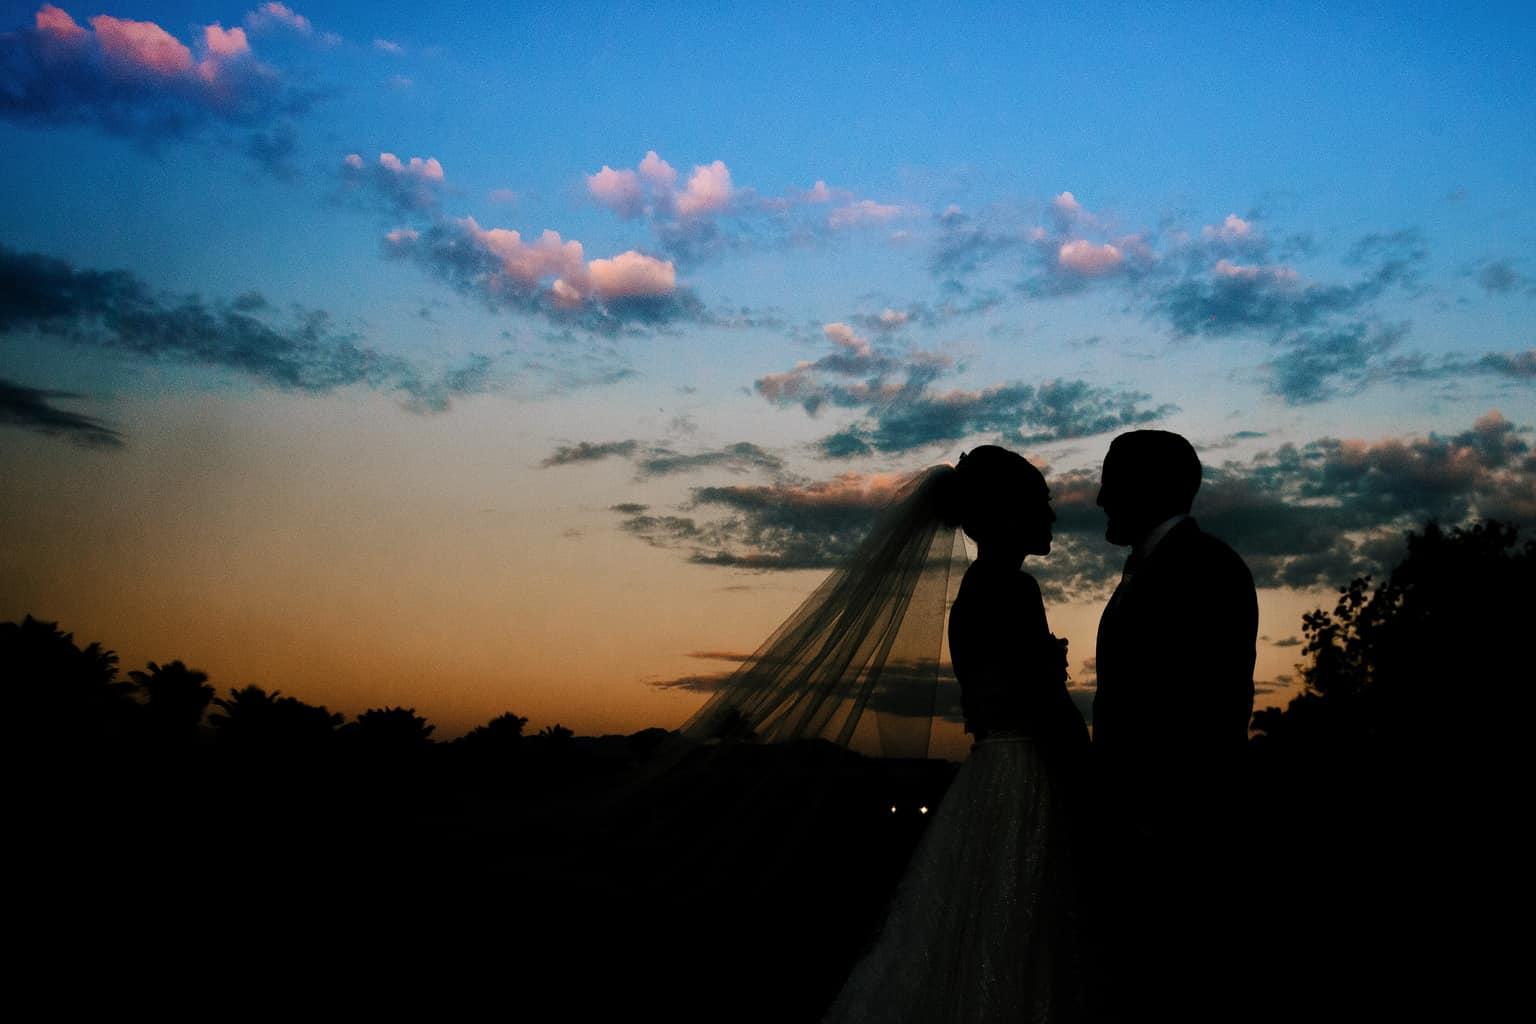 Casamento-Alissa-e-Gustavo-Cerimonial-Manu-Goncalez-Decor-Andrea-Kapps-Fasano-Angra-dos-Reis-Foto-VRebel-fotos-do-casal3735-1